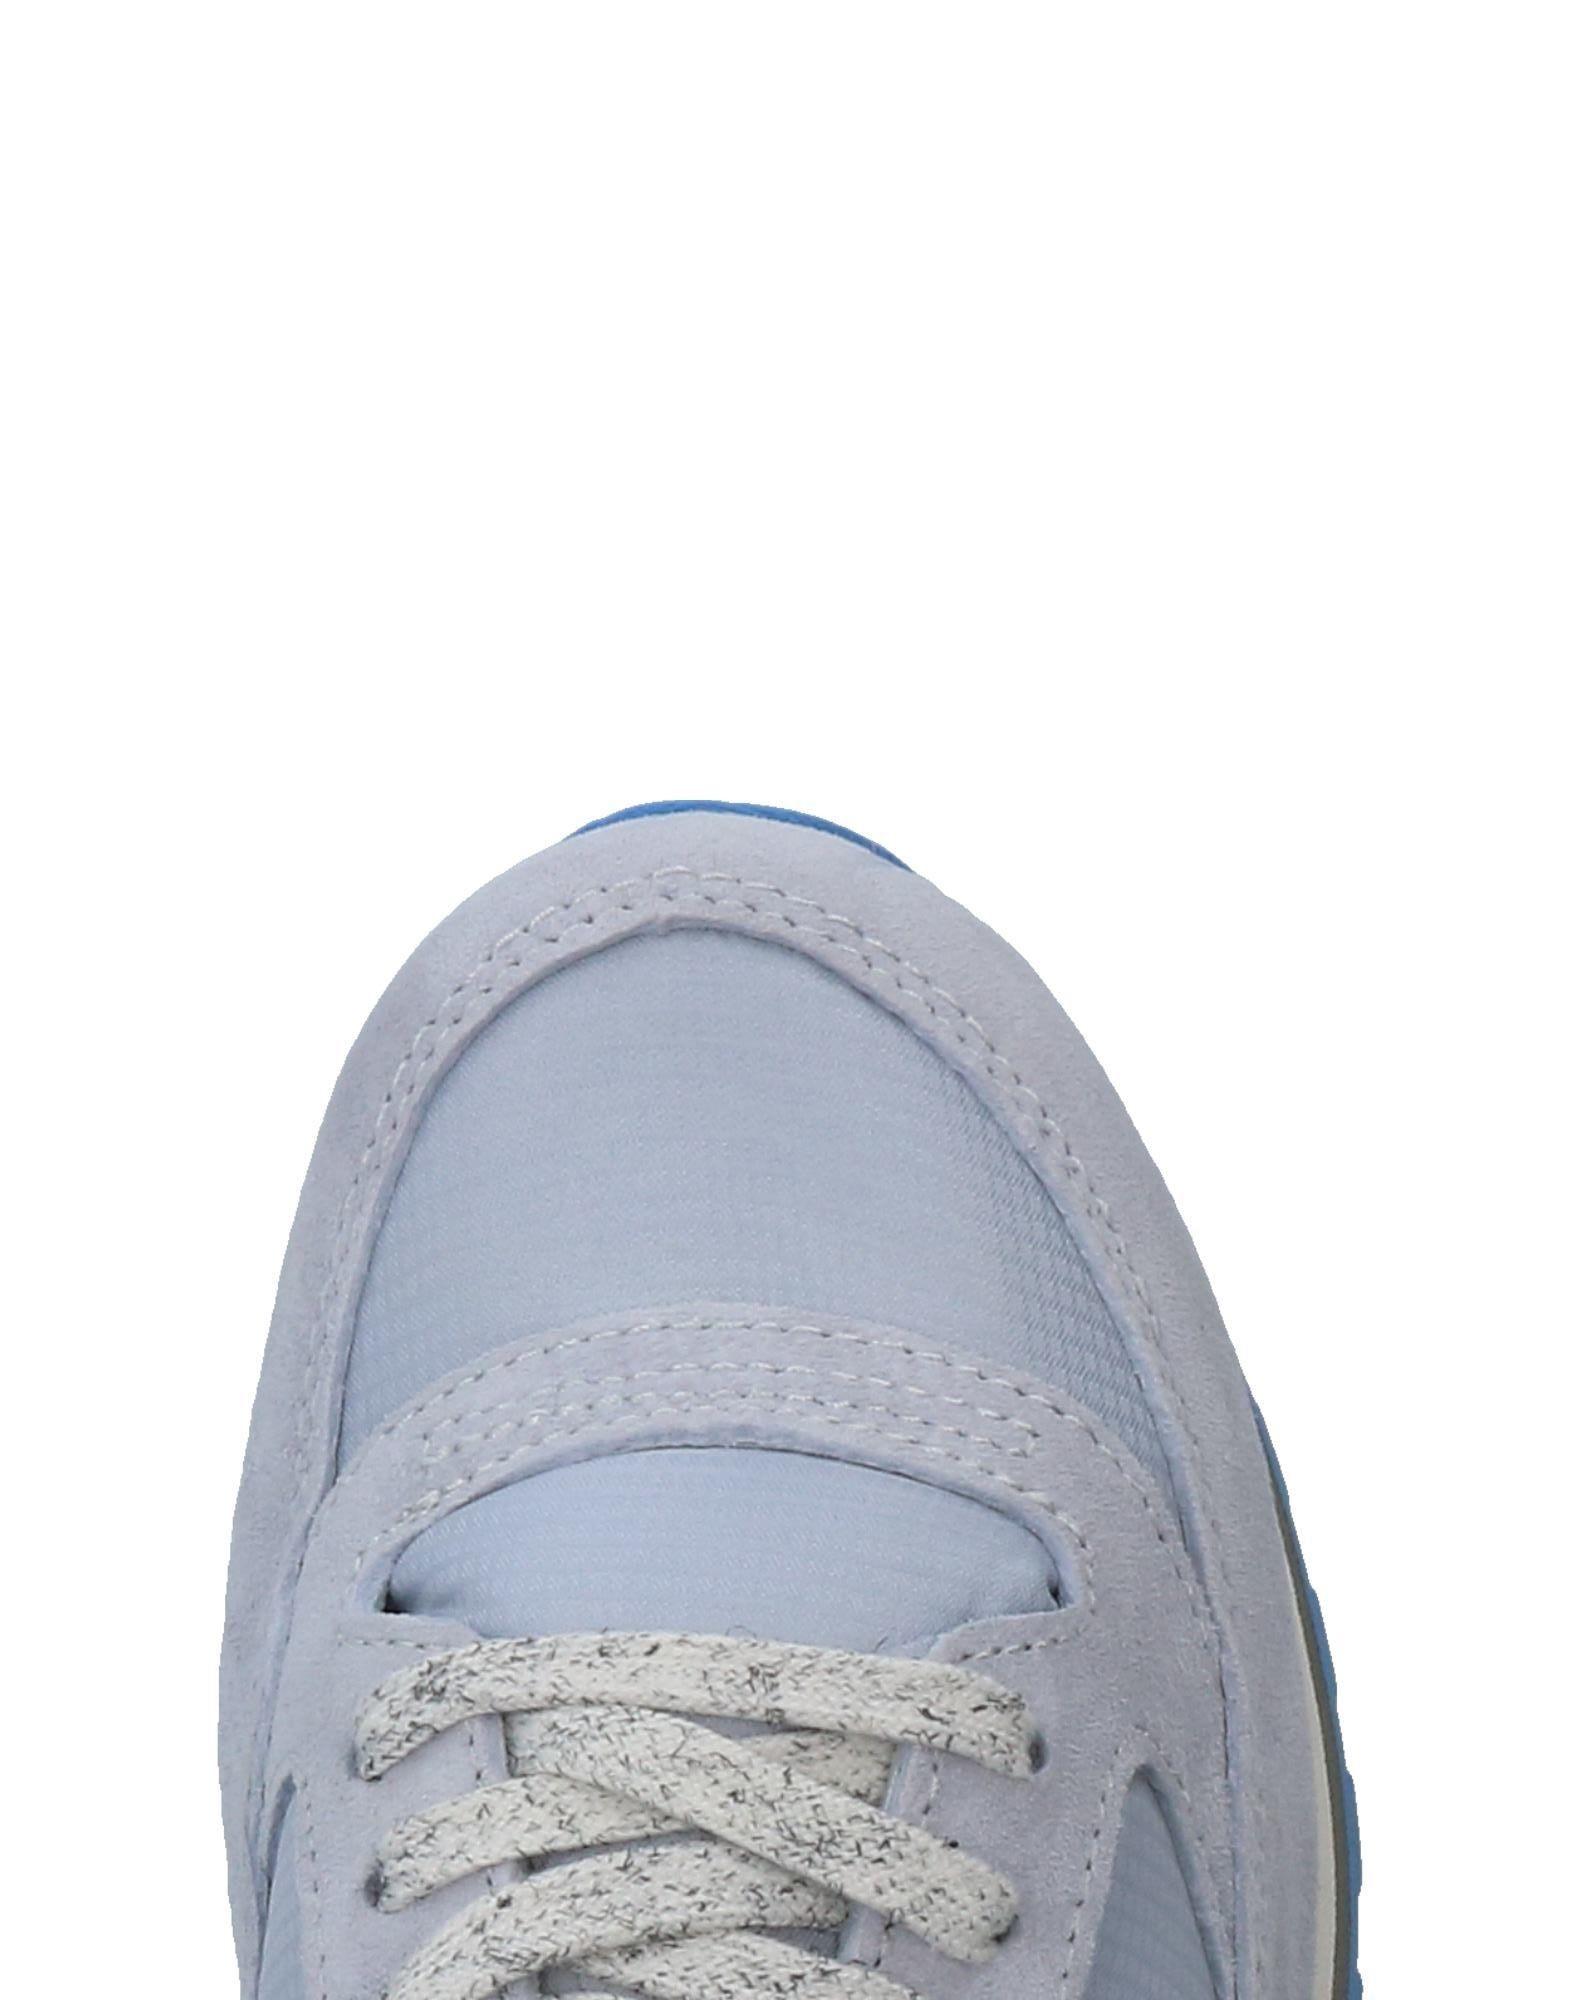 Saucony Sneakers Damen  11327065MB Gute Qualität beliebte Schuhe Schuhe Schuhe 76c19a